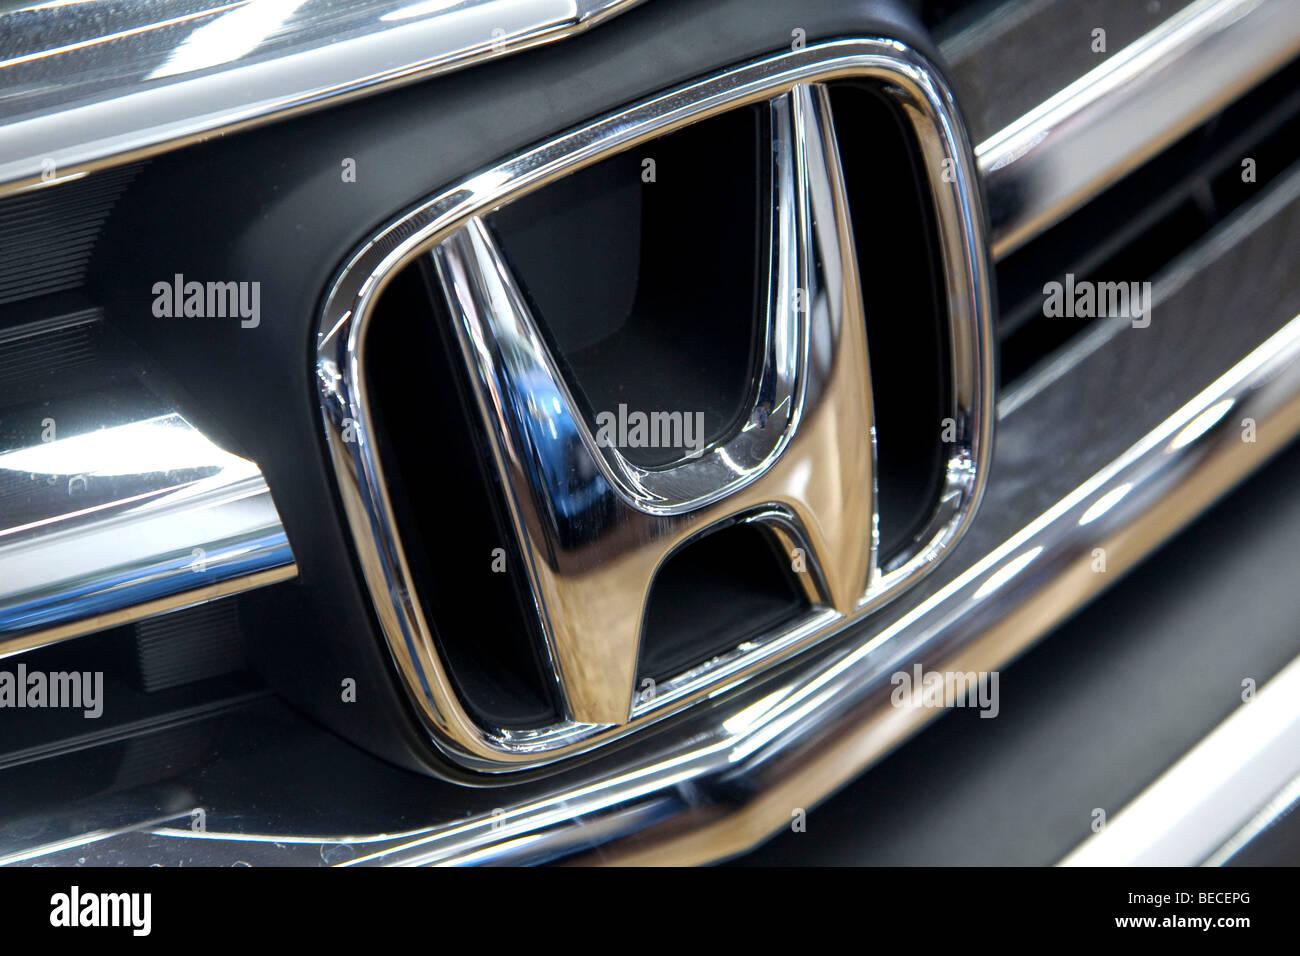 Honda Emblem On A Car Stock Photo 26090584 Alamy